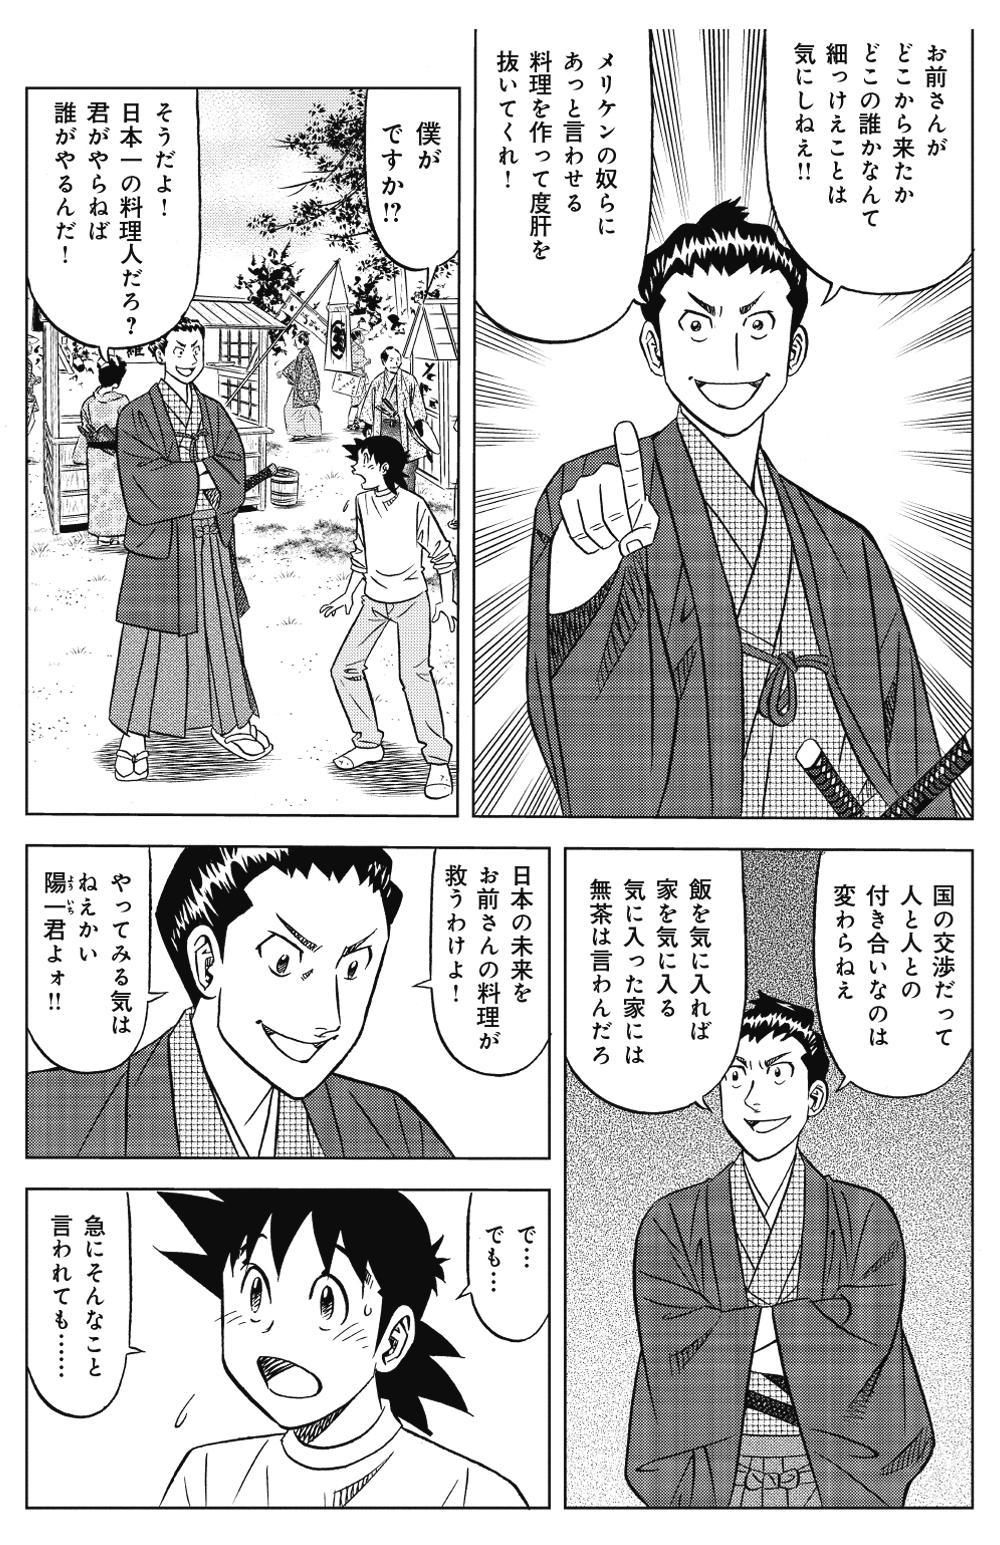 ミスター味っ子 幕末編 第1話「黒船来航」②ajikko14.jpg